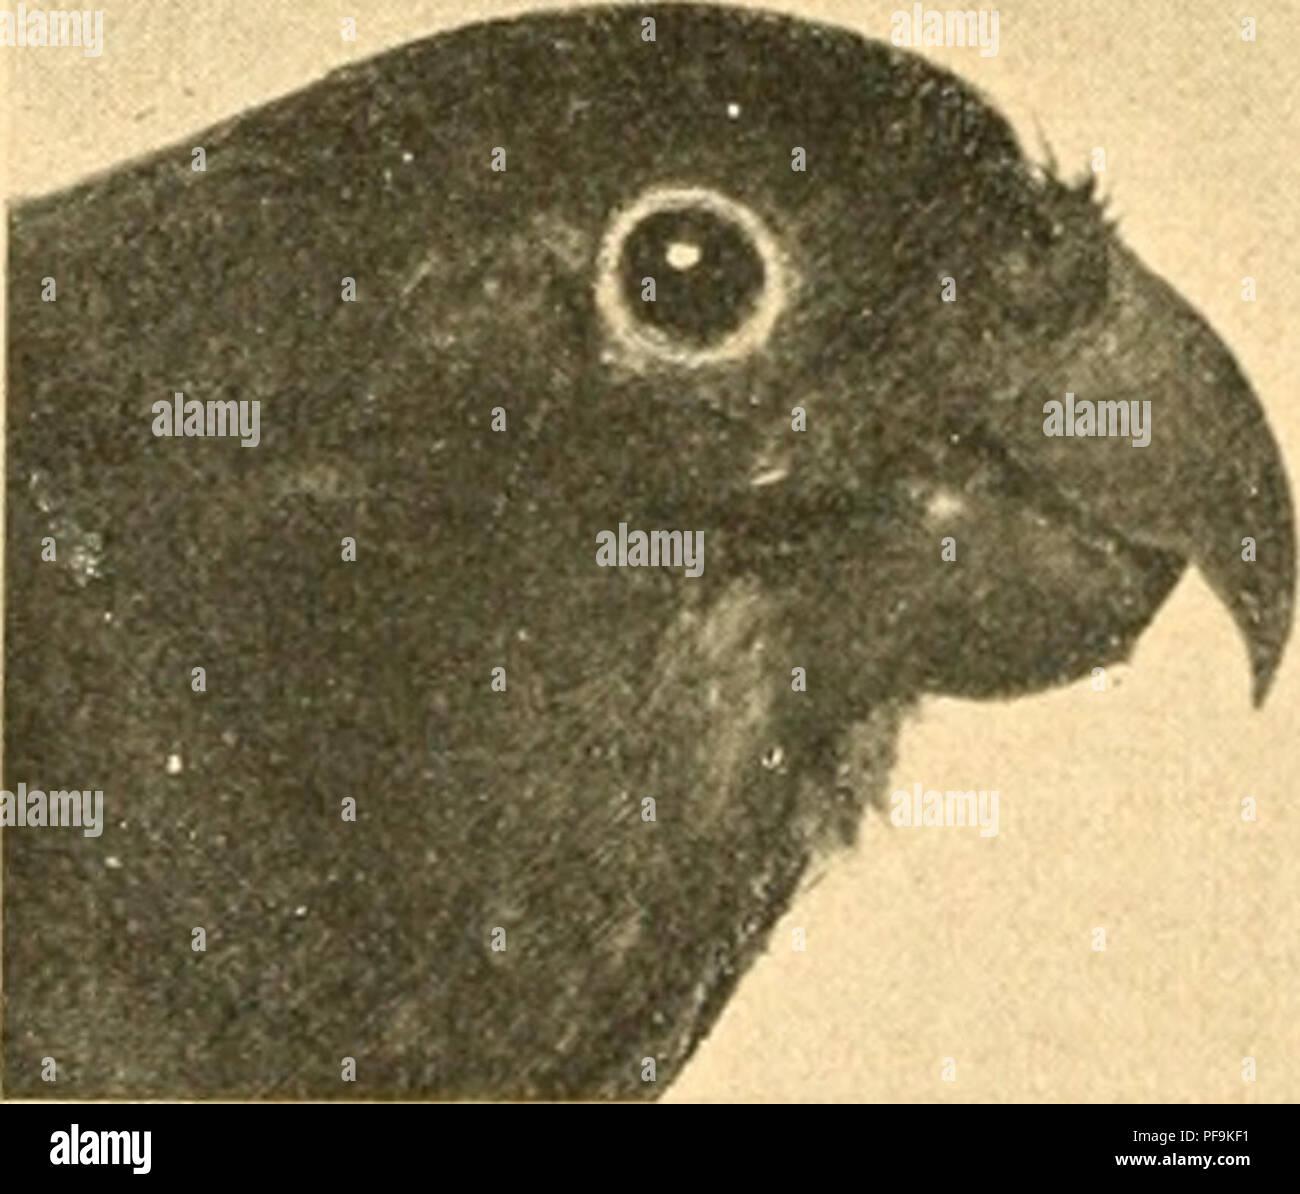 . De vogels van Guyana (Suriname, Cayenne en Demerara). Birds. 5^4 psittacid.ï:. een, in de lagere streken talrijk voorkomende boomsoort. In gevangen staat kan men ze, met deze vruchten gevoed, ge- ruimen tijd in leven houden, maar zoover ik kan oordeelen, niet het praten aanleeren. Zij worden echter uiterst tam en vliegen dan overal rond, om, zoodra men hen een vruchtje toehoudt, er op af te dalen. Over hun voortteling is mij niets bekend. U. purpurata, Gm. =^ Psitfactisp., Cab. in ScJioiiib. Reis. = Psittaciila /., Schlegal, Ahis. P. B. rf Groen; ond.d. lichter van lint; bovenkop olijfbniin; - Stock Image